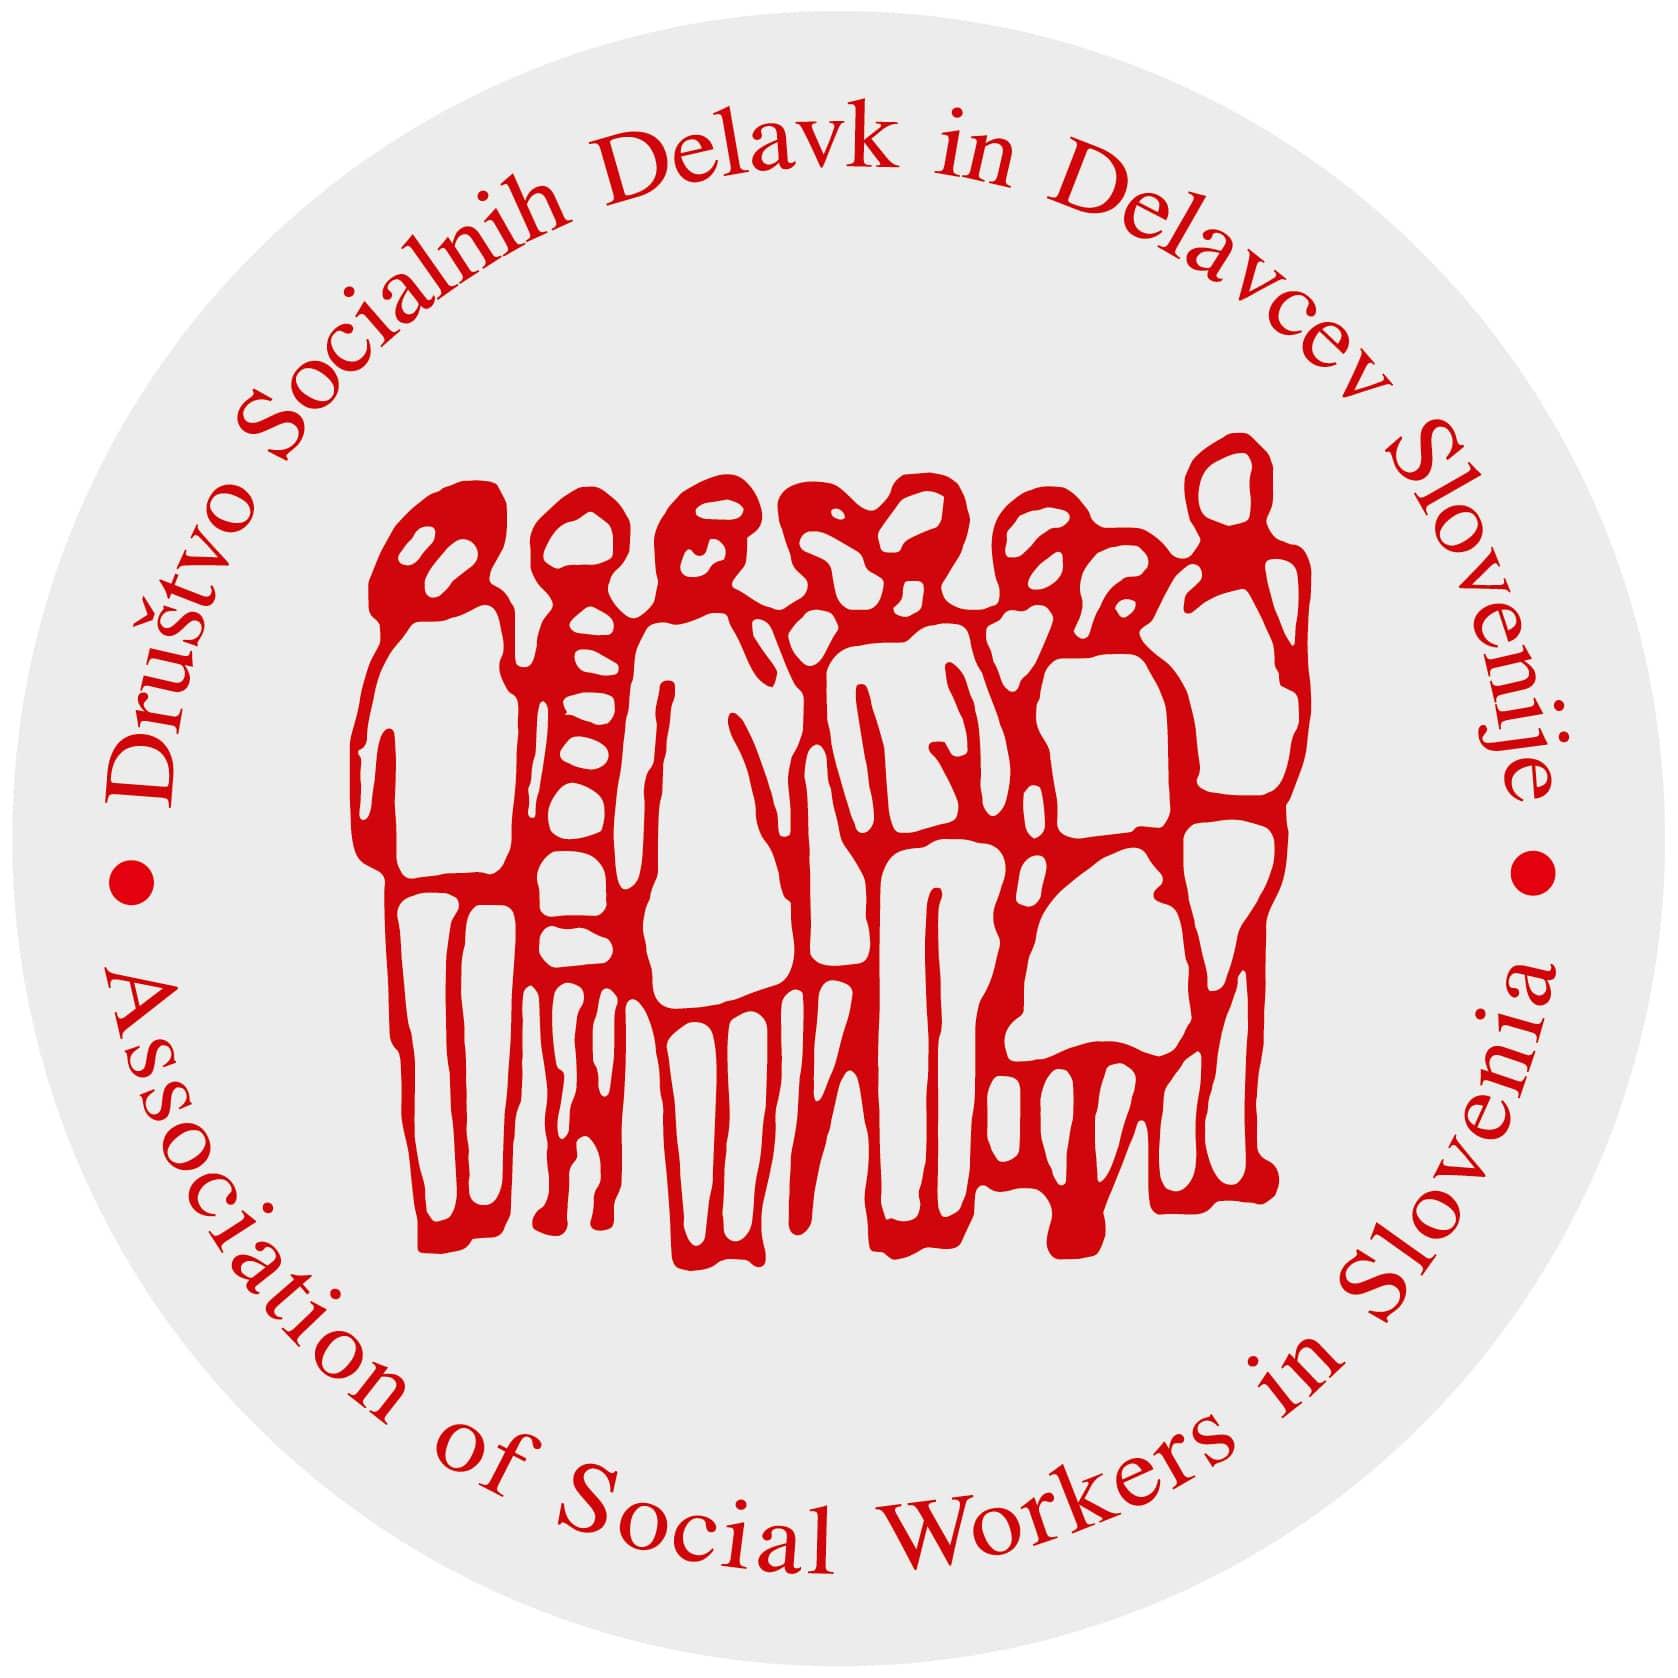 Društvo socialnih delavk in delavcev Slovenije (DSDDS)